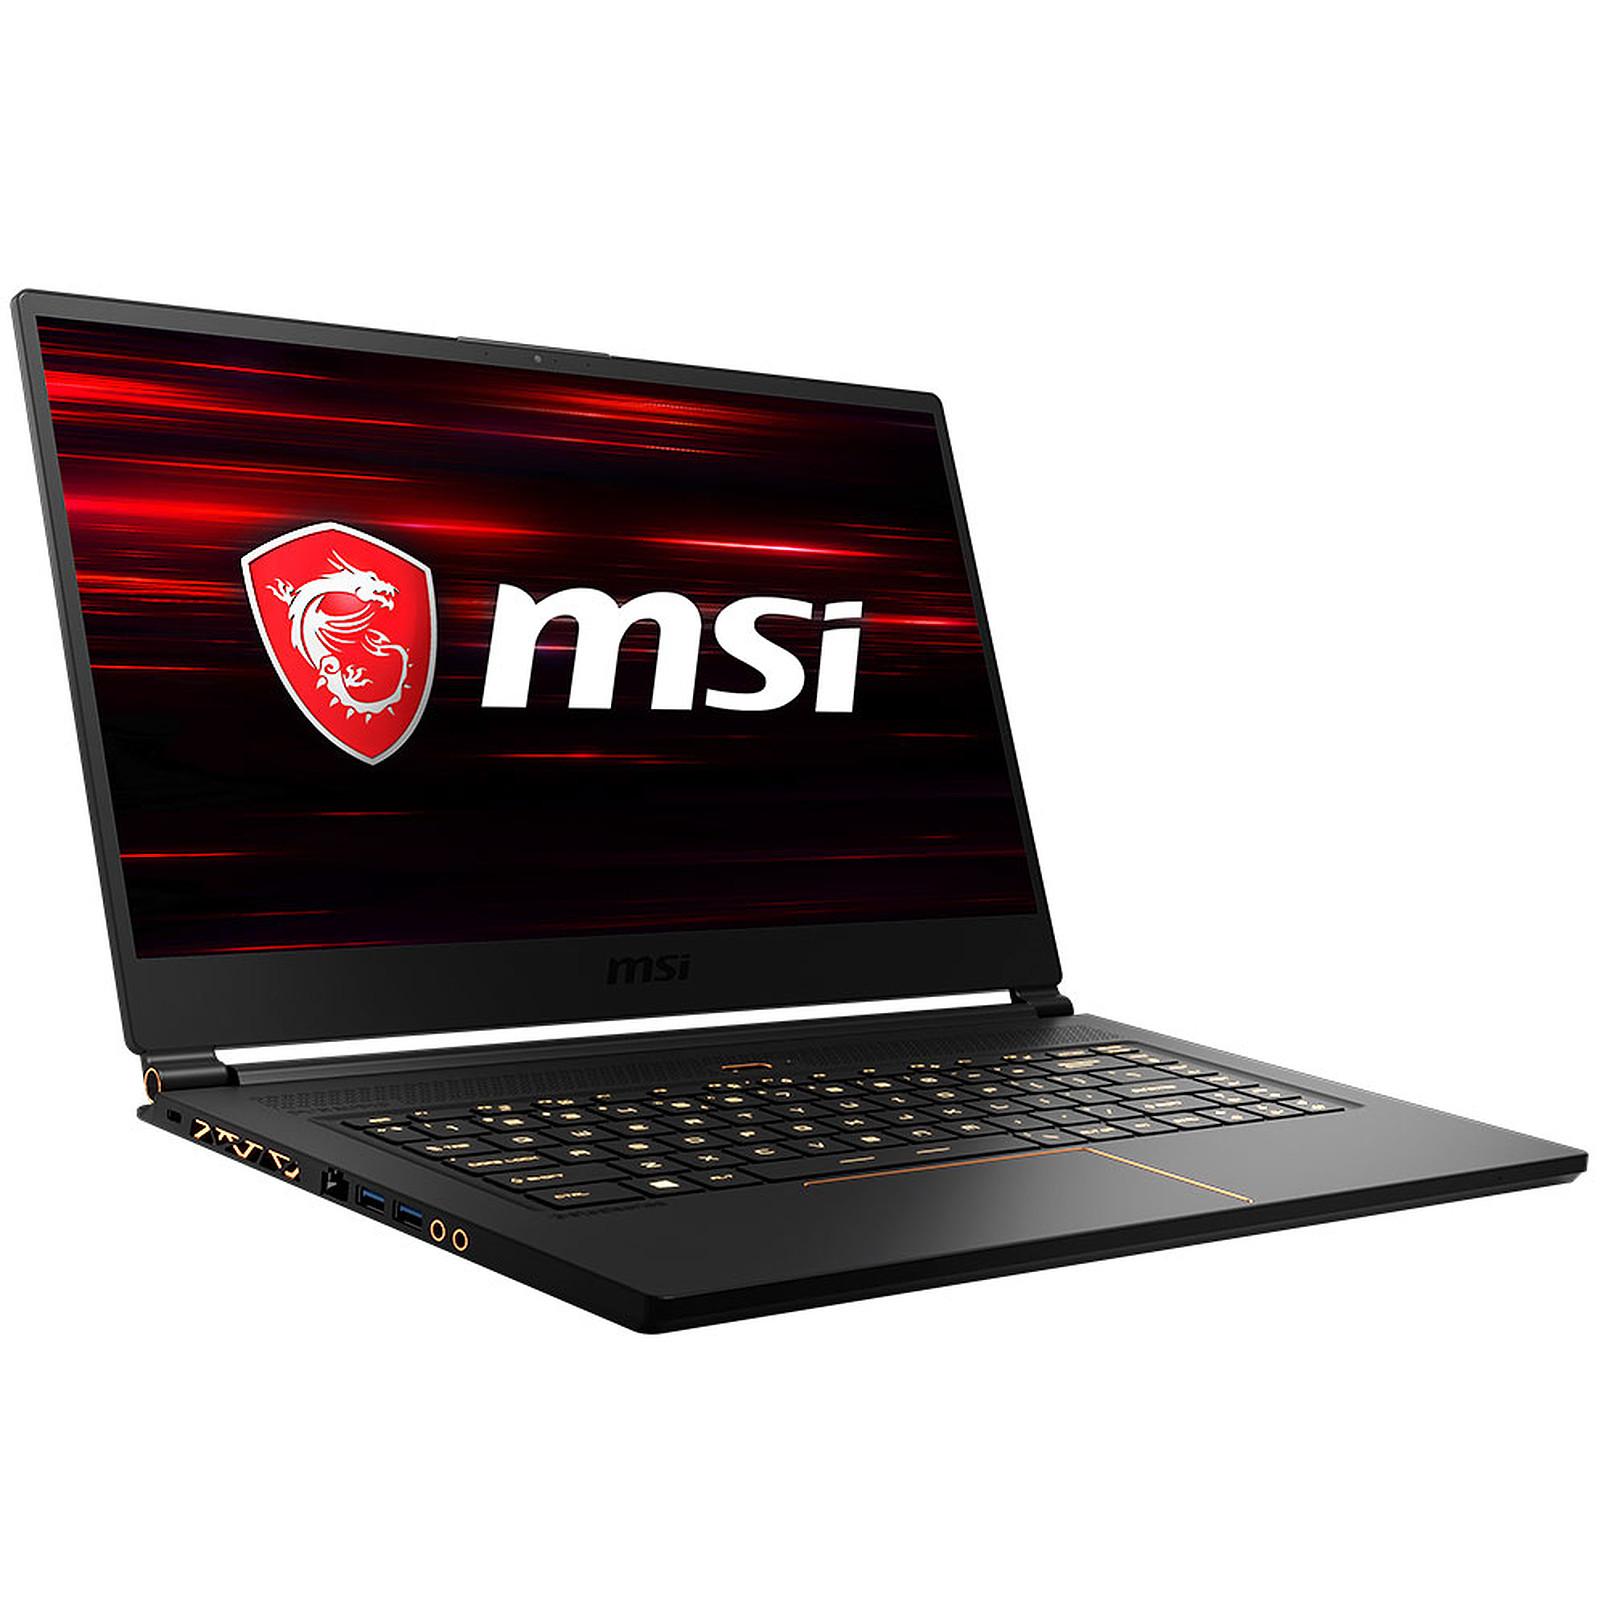 MSI GS65 8SG-049FR Stealth Thin